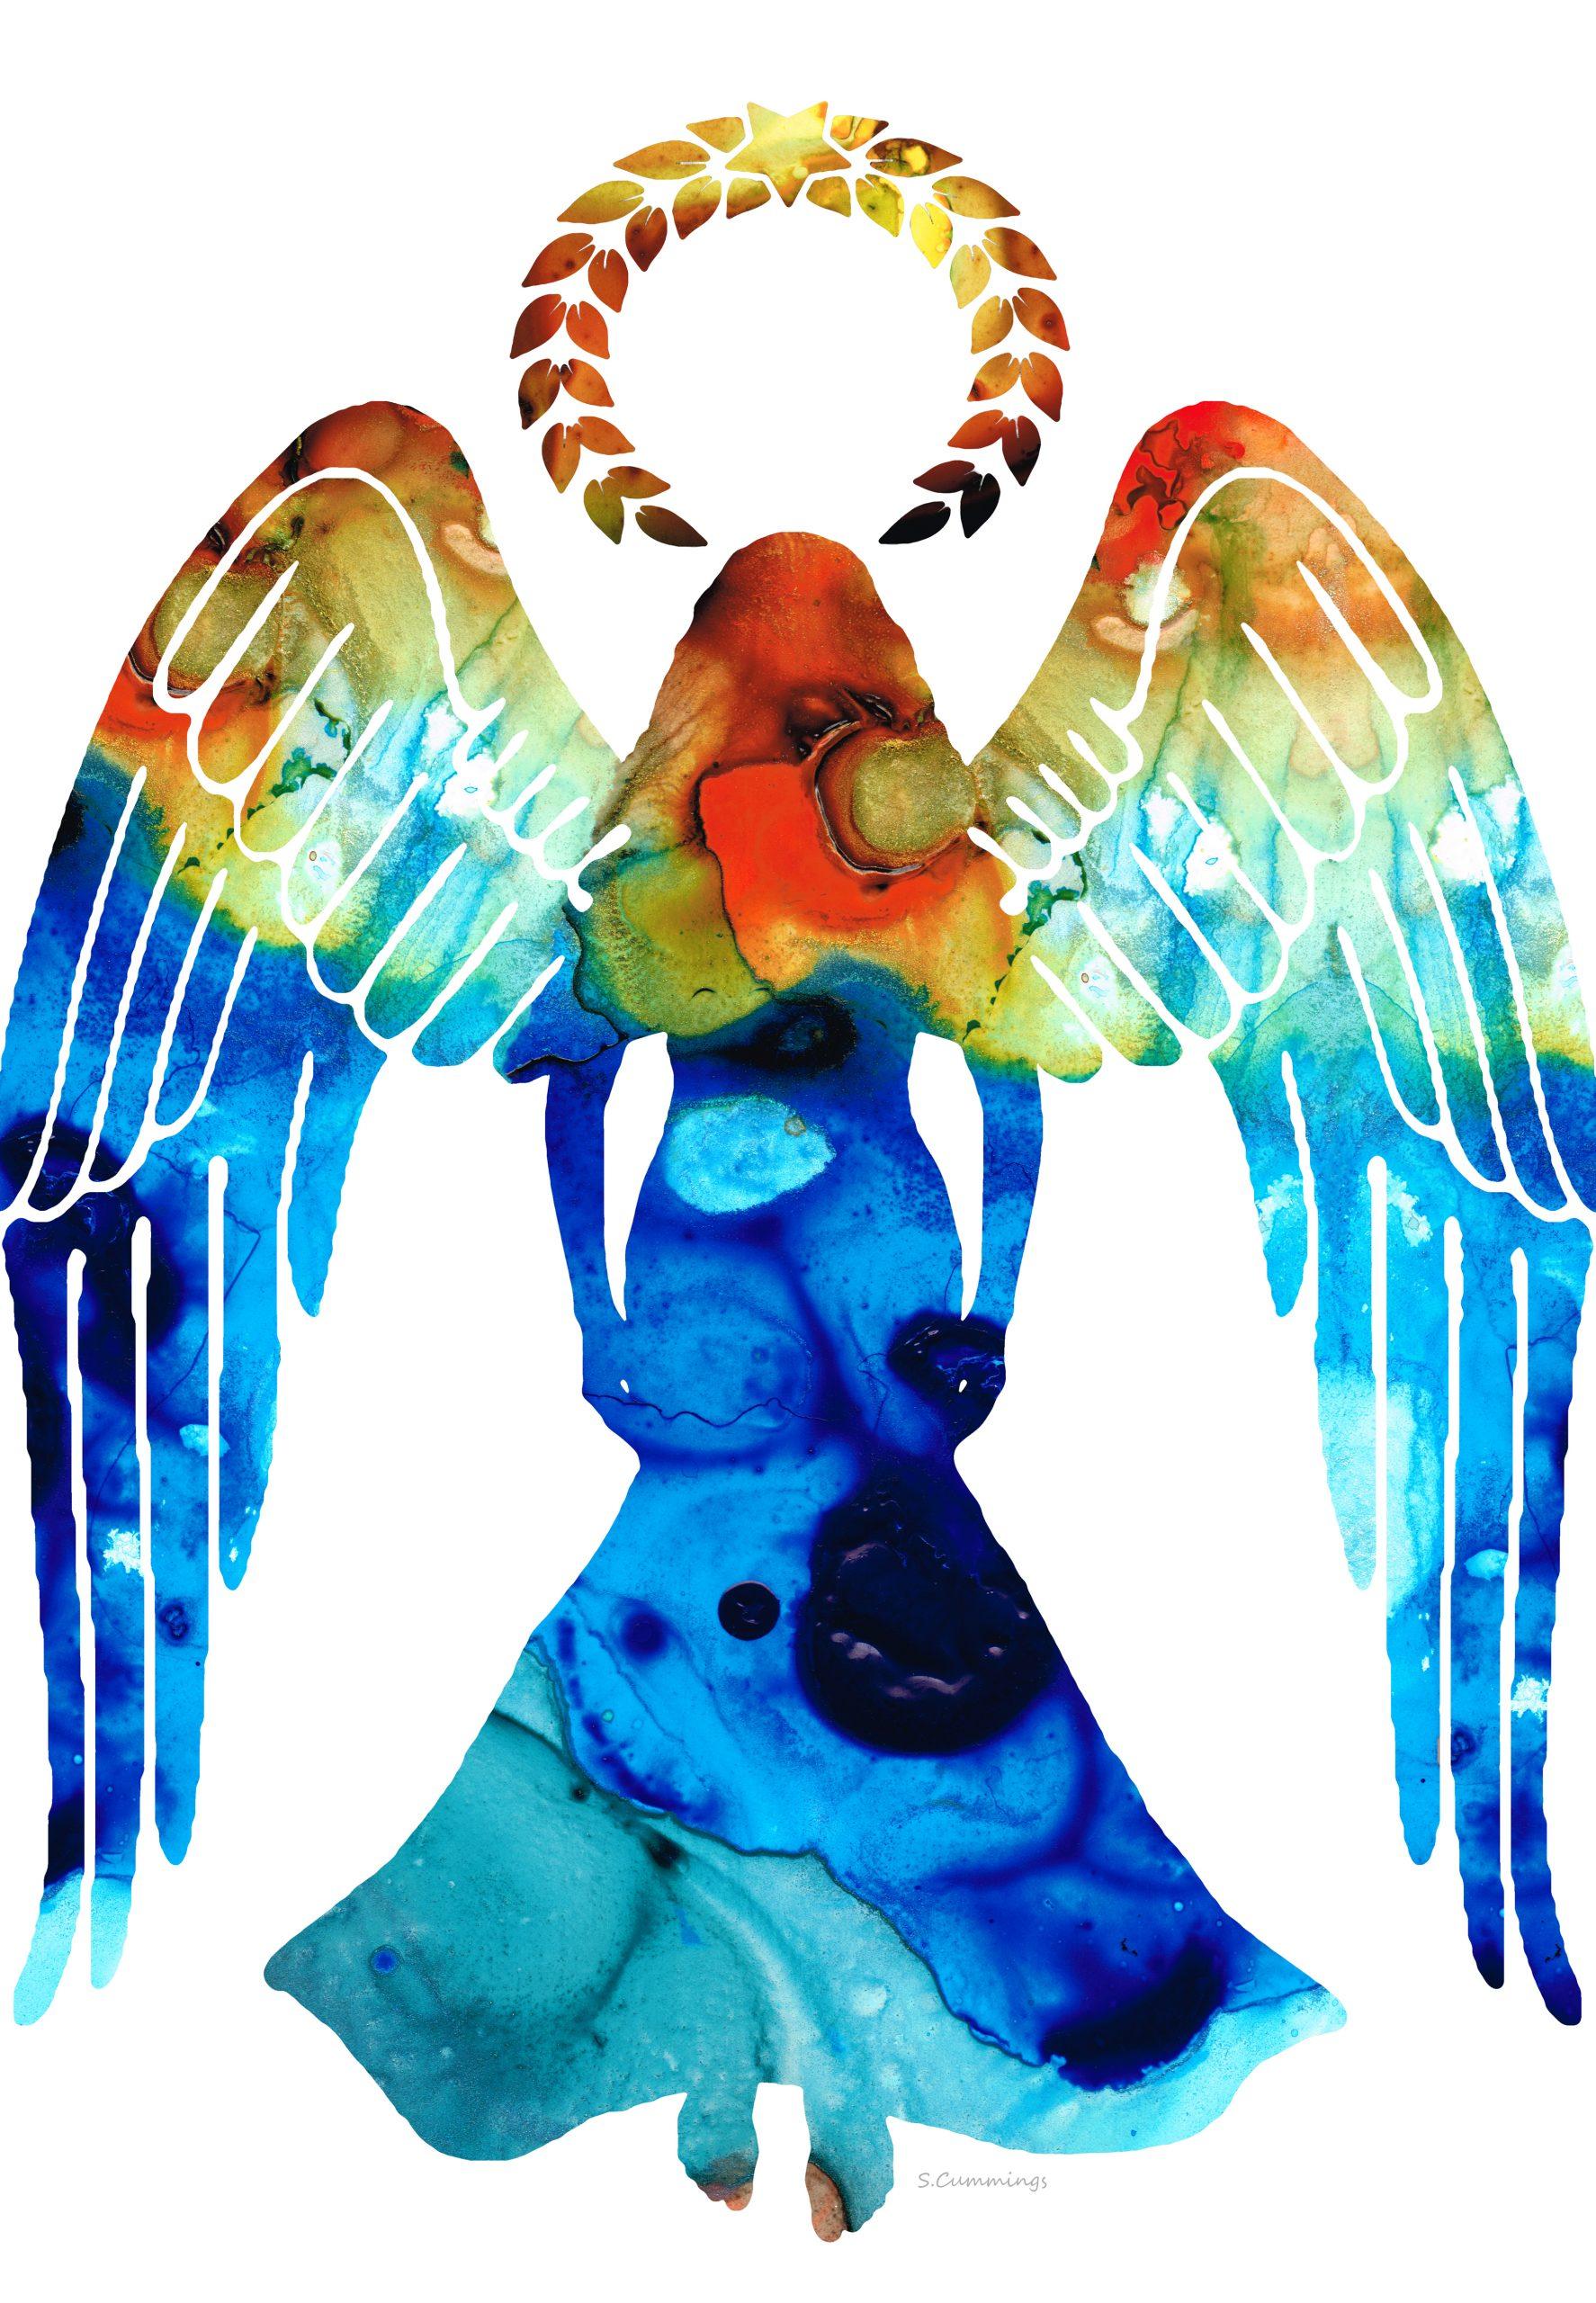 (HEALING) Guardian Angel by Sharon Cummings